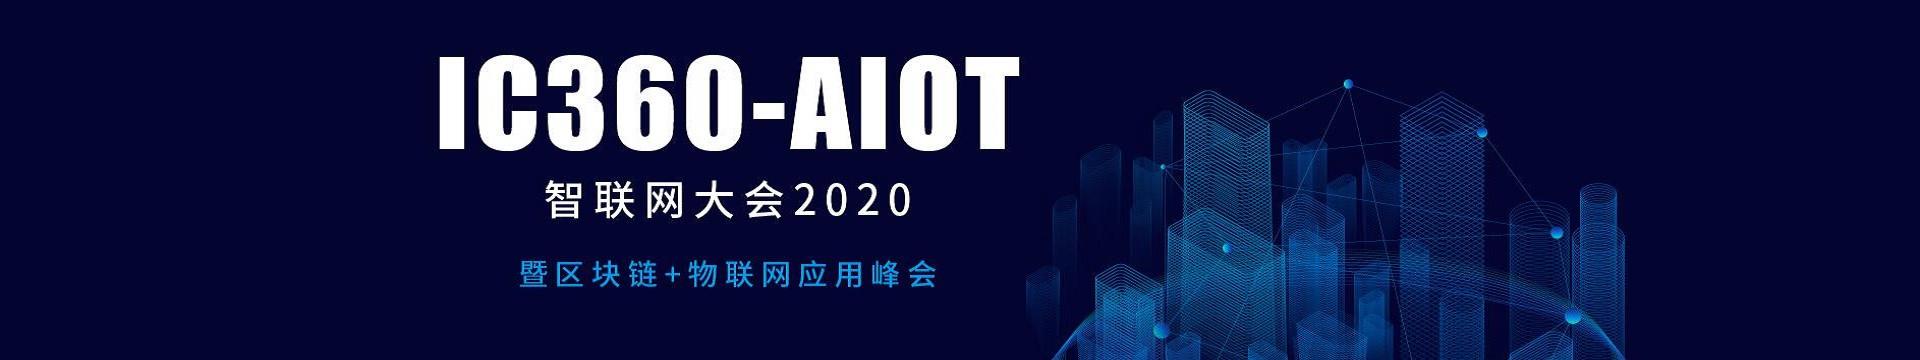 智聯網大會2020(5G、AI、IoT、大數據、區塊鏈)